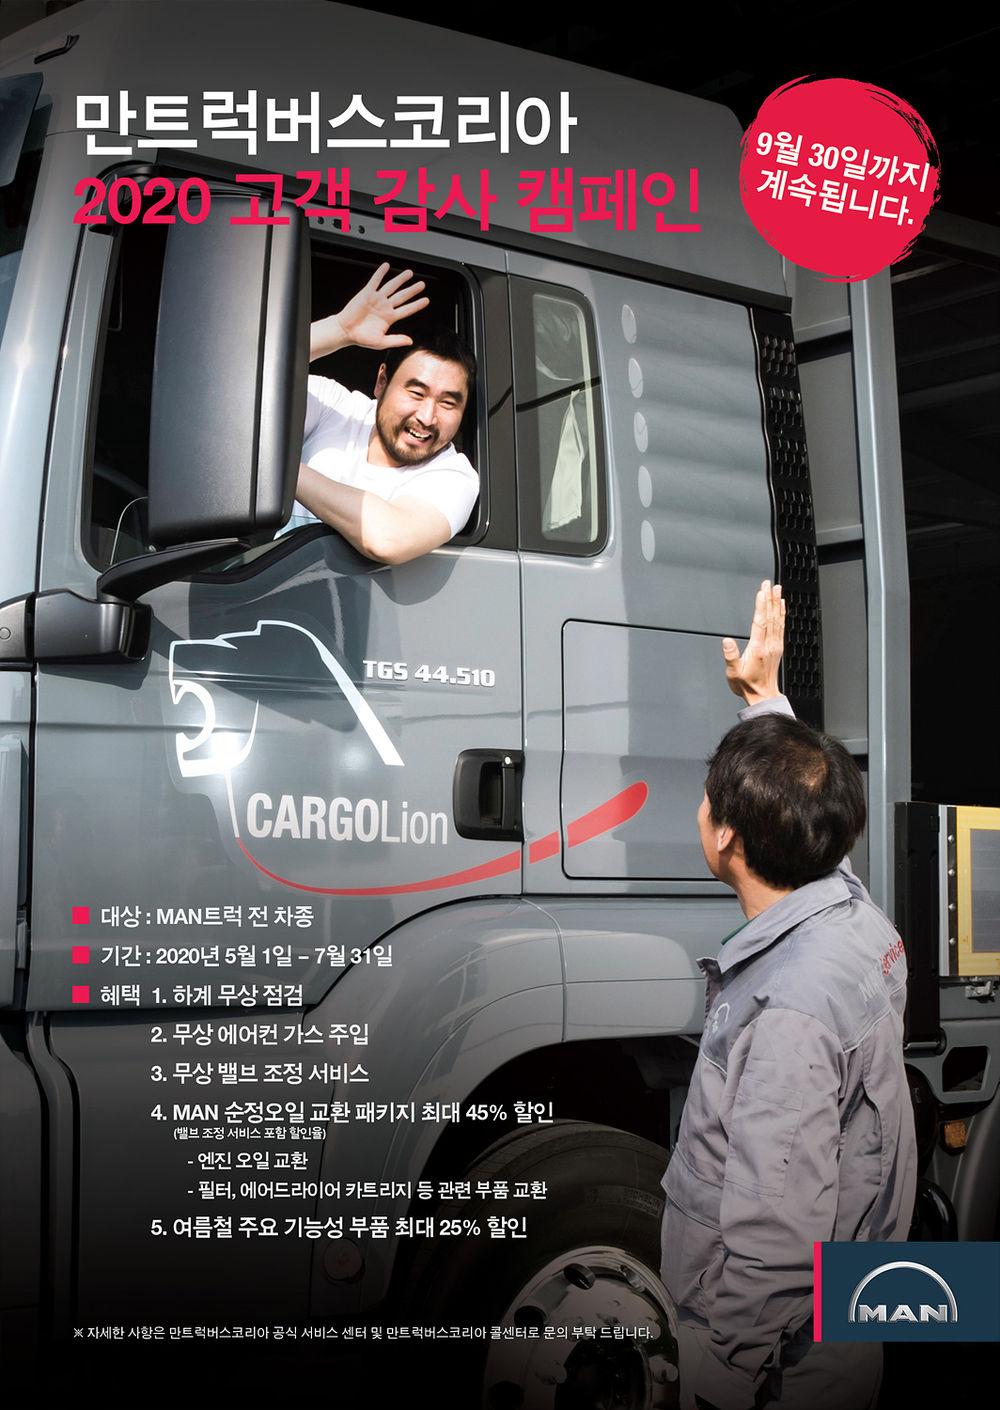 만트럭버스코리아, 고객 감사 서비스 캠페인 연장